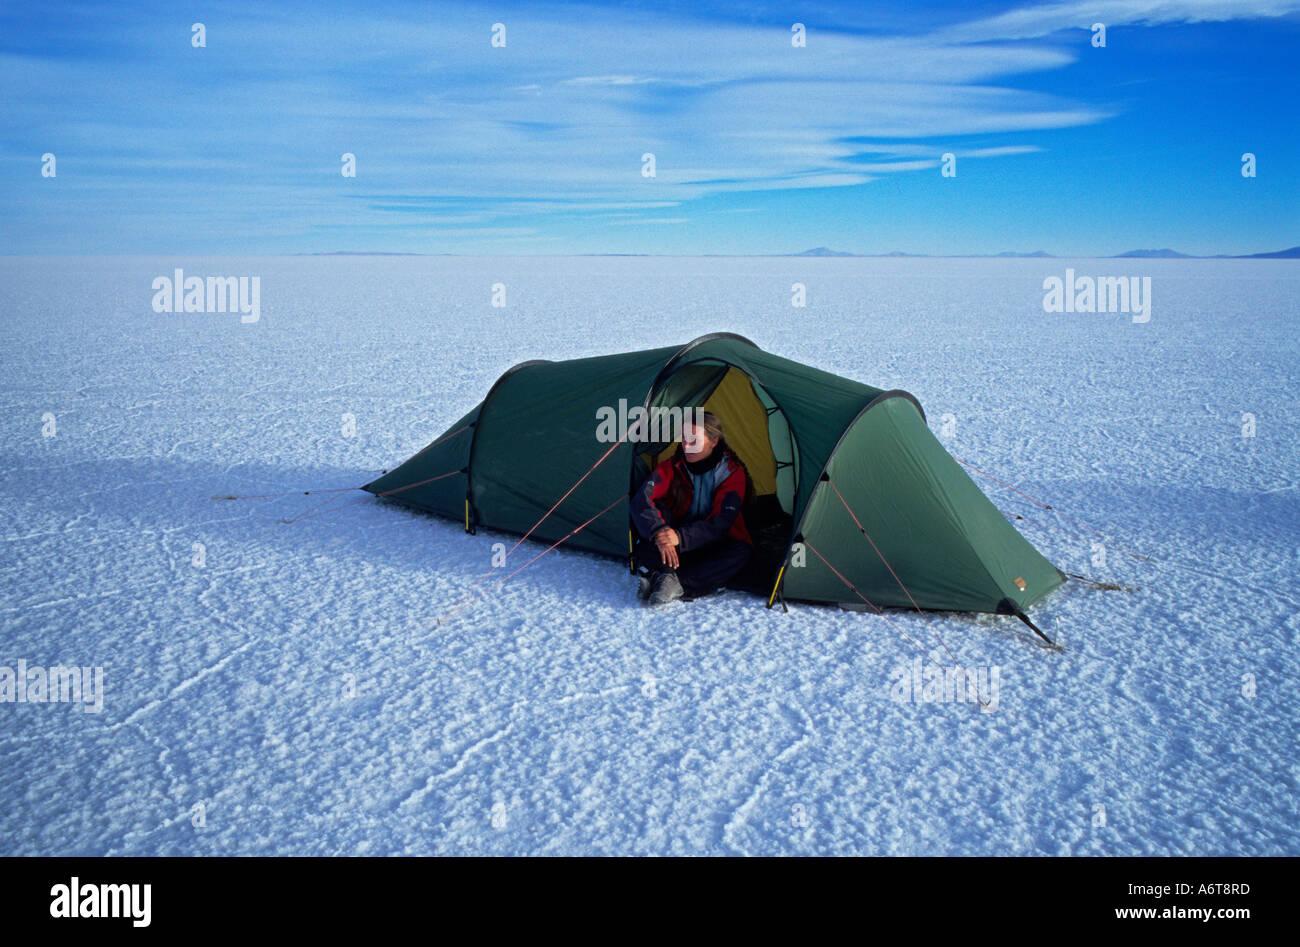 Donna seduta da sola in tenda con vasta distesa del Salar de Uyuni distesa di sale intorno a lei a 3800 metri di altitudine in Bolivia Immagini Stock